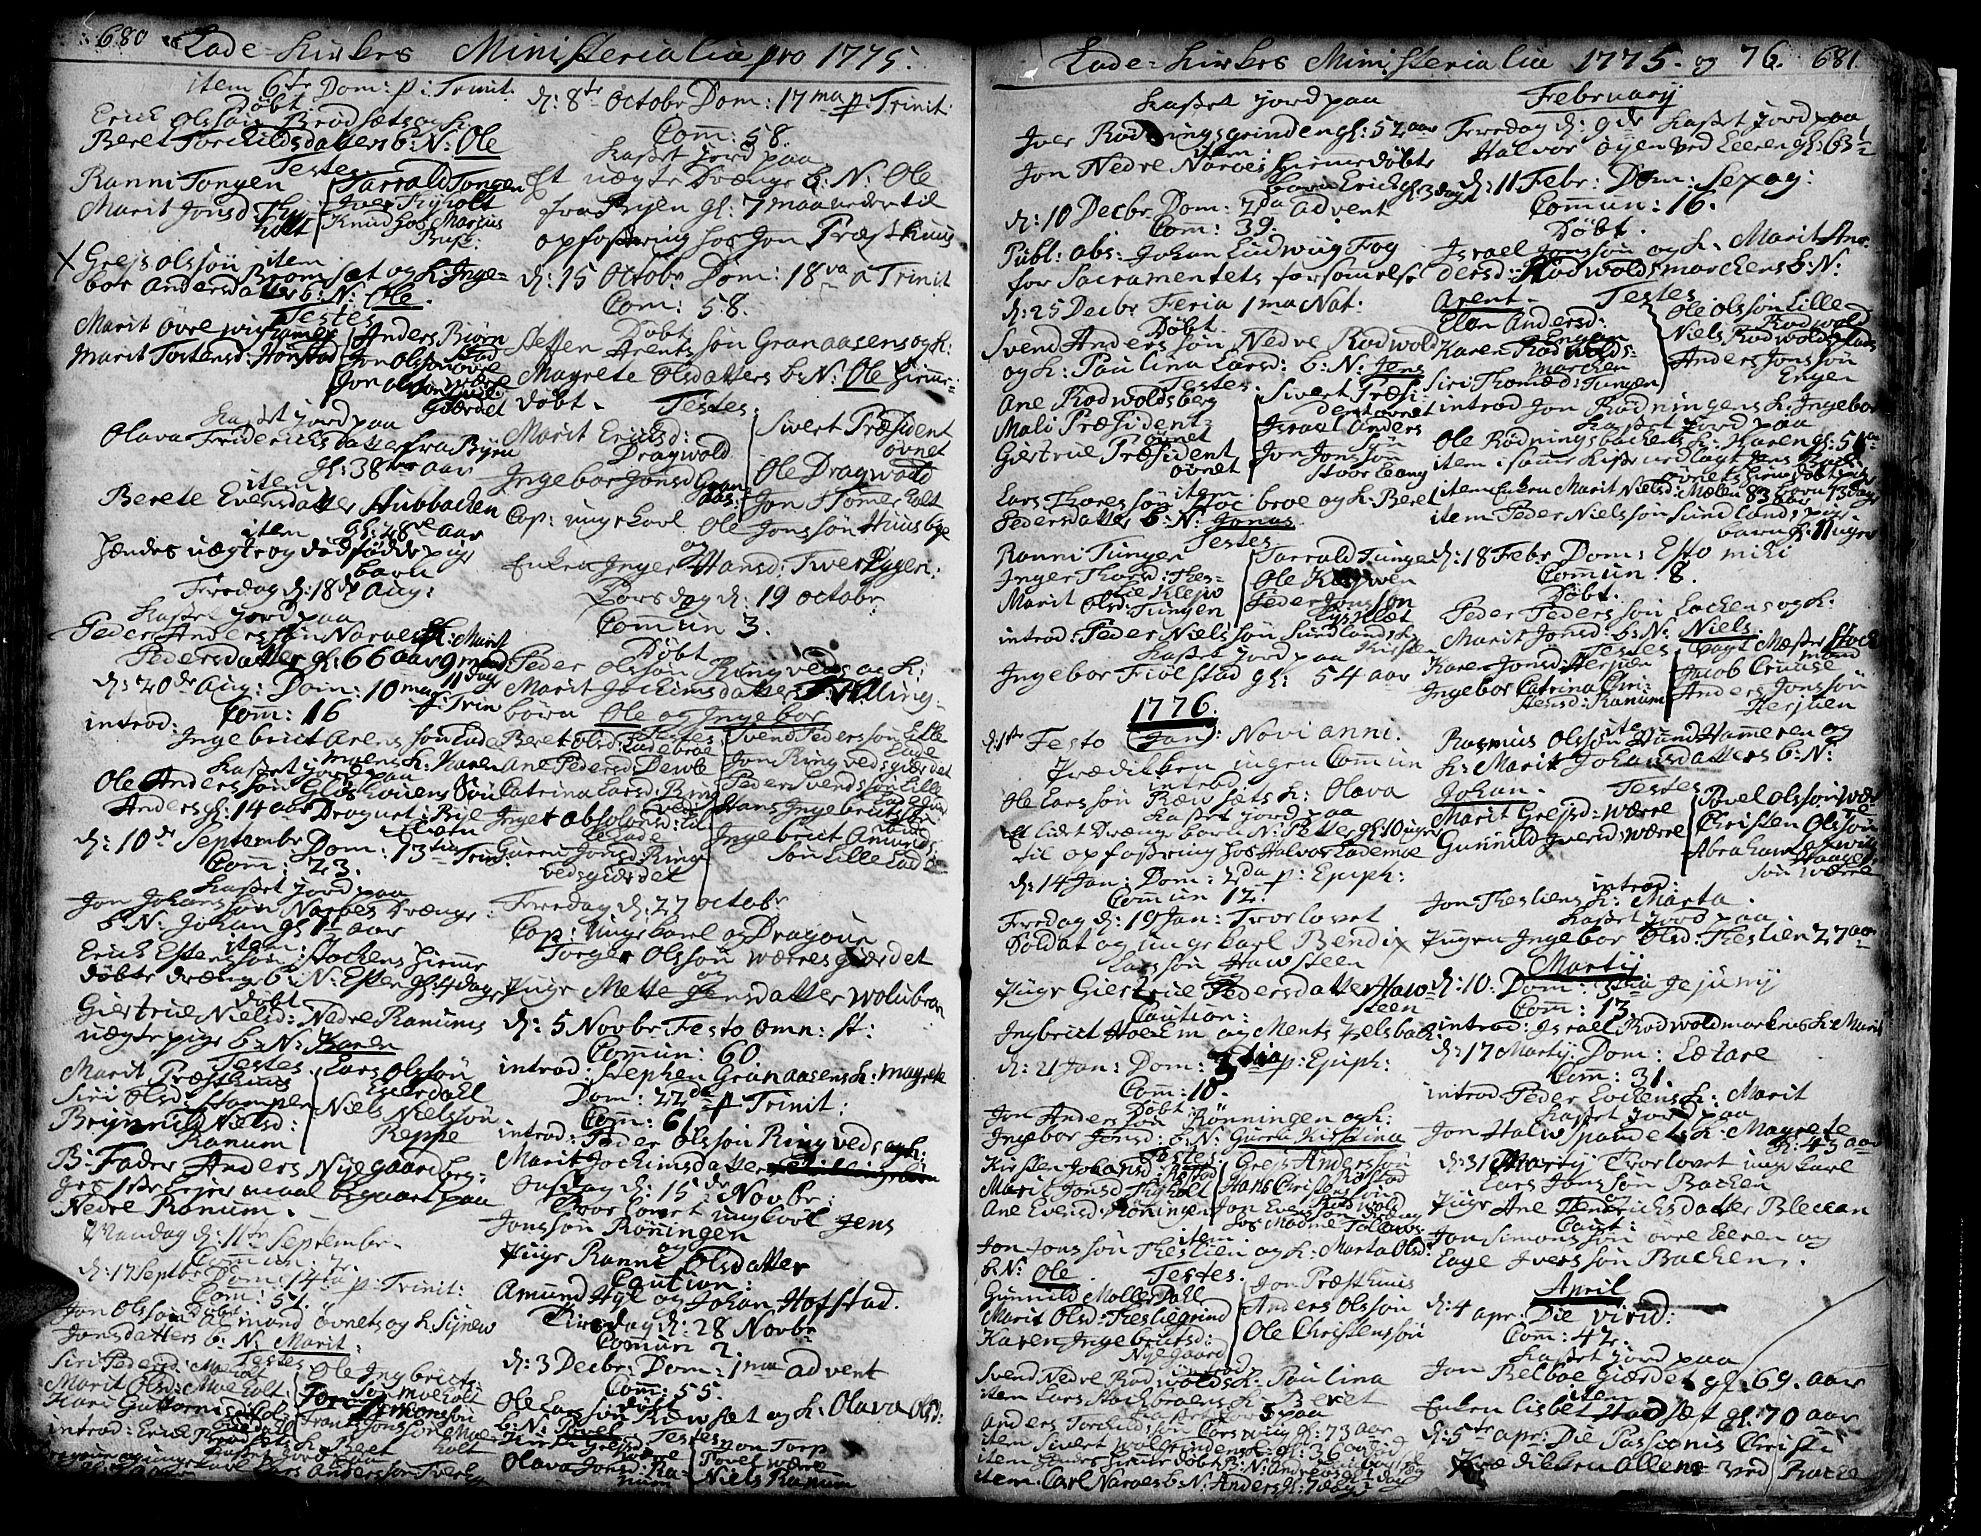 SAT, Ministerialprotokoller, klokkerbøker og fødselsregistre - Sør-Trøndelag, 606/L0275: Ministerialbok nr. 606A01 /1, 1727-1780, s. 680-681